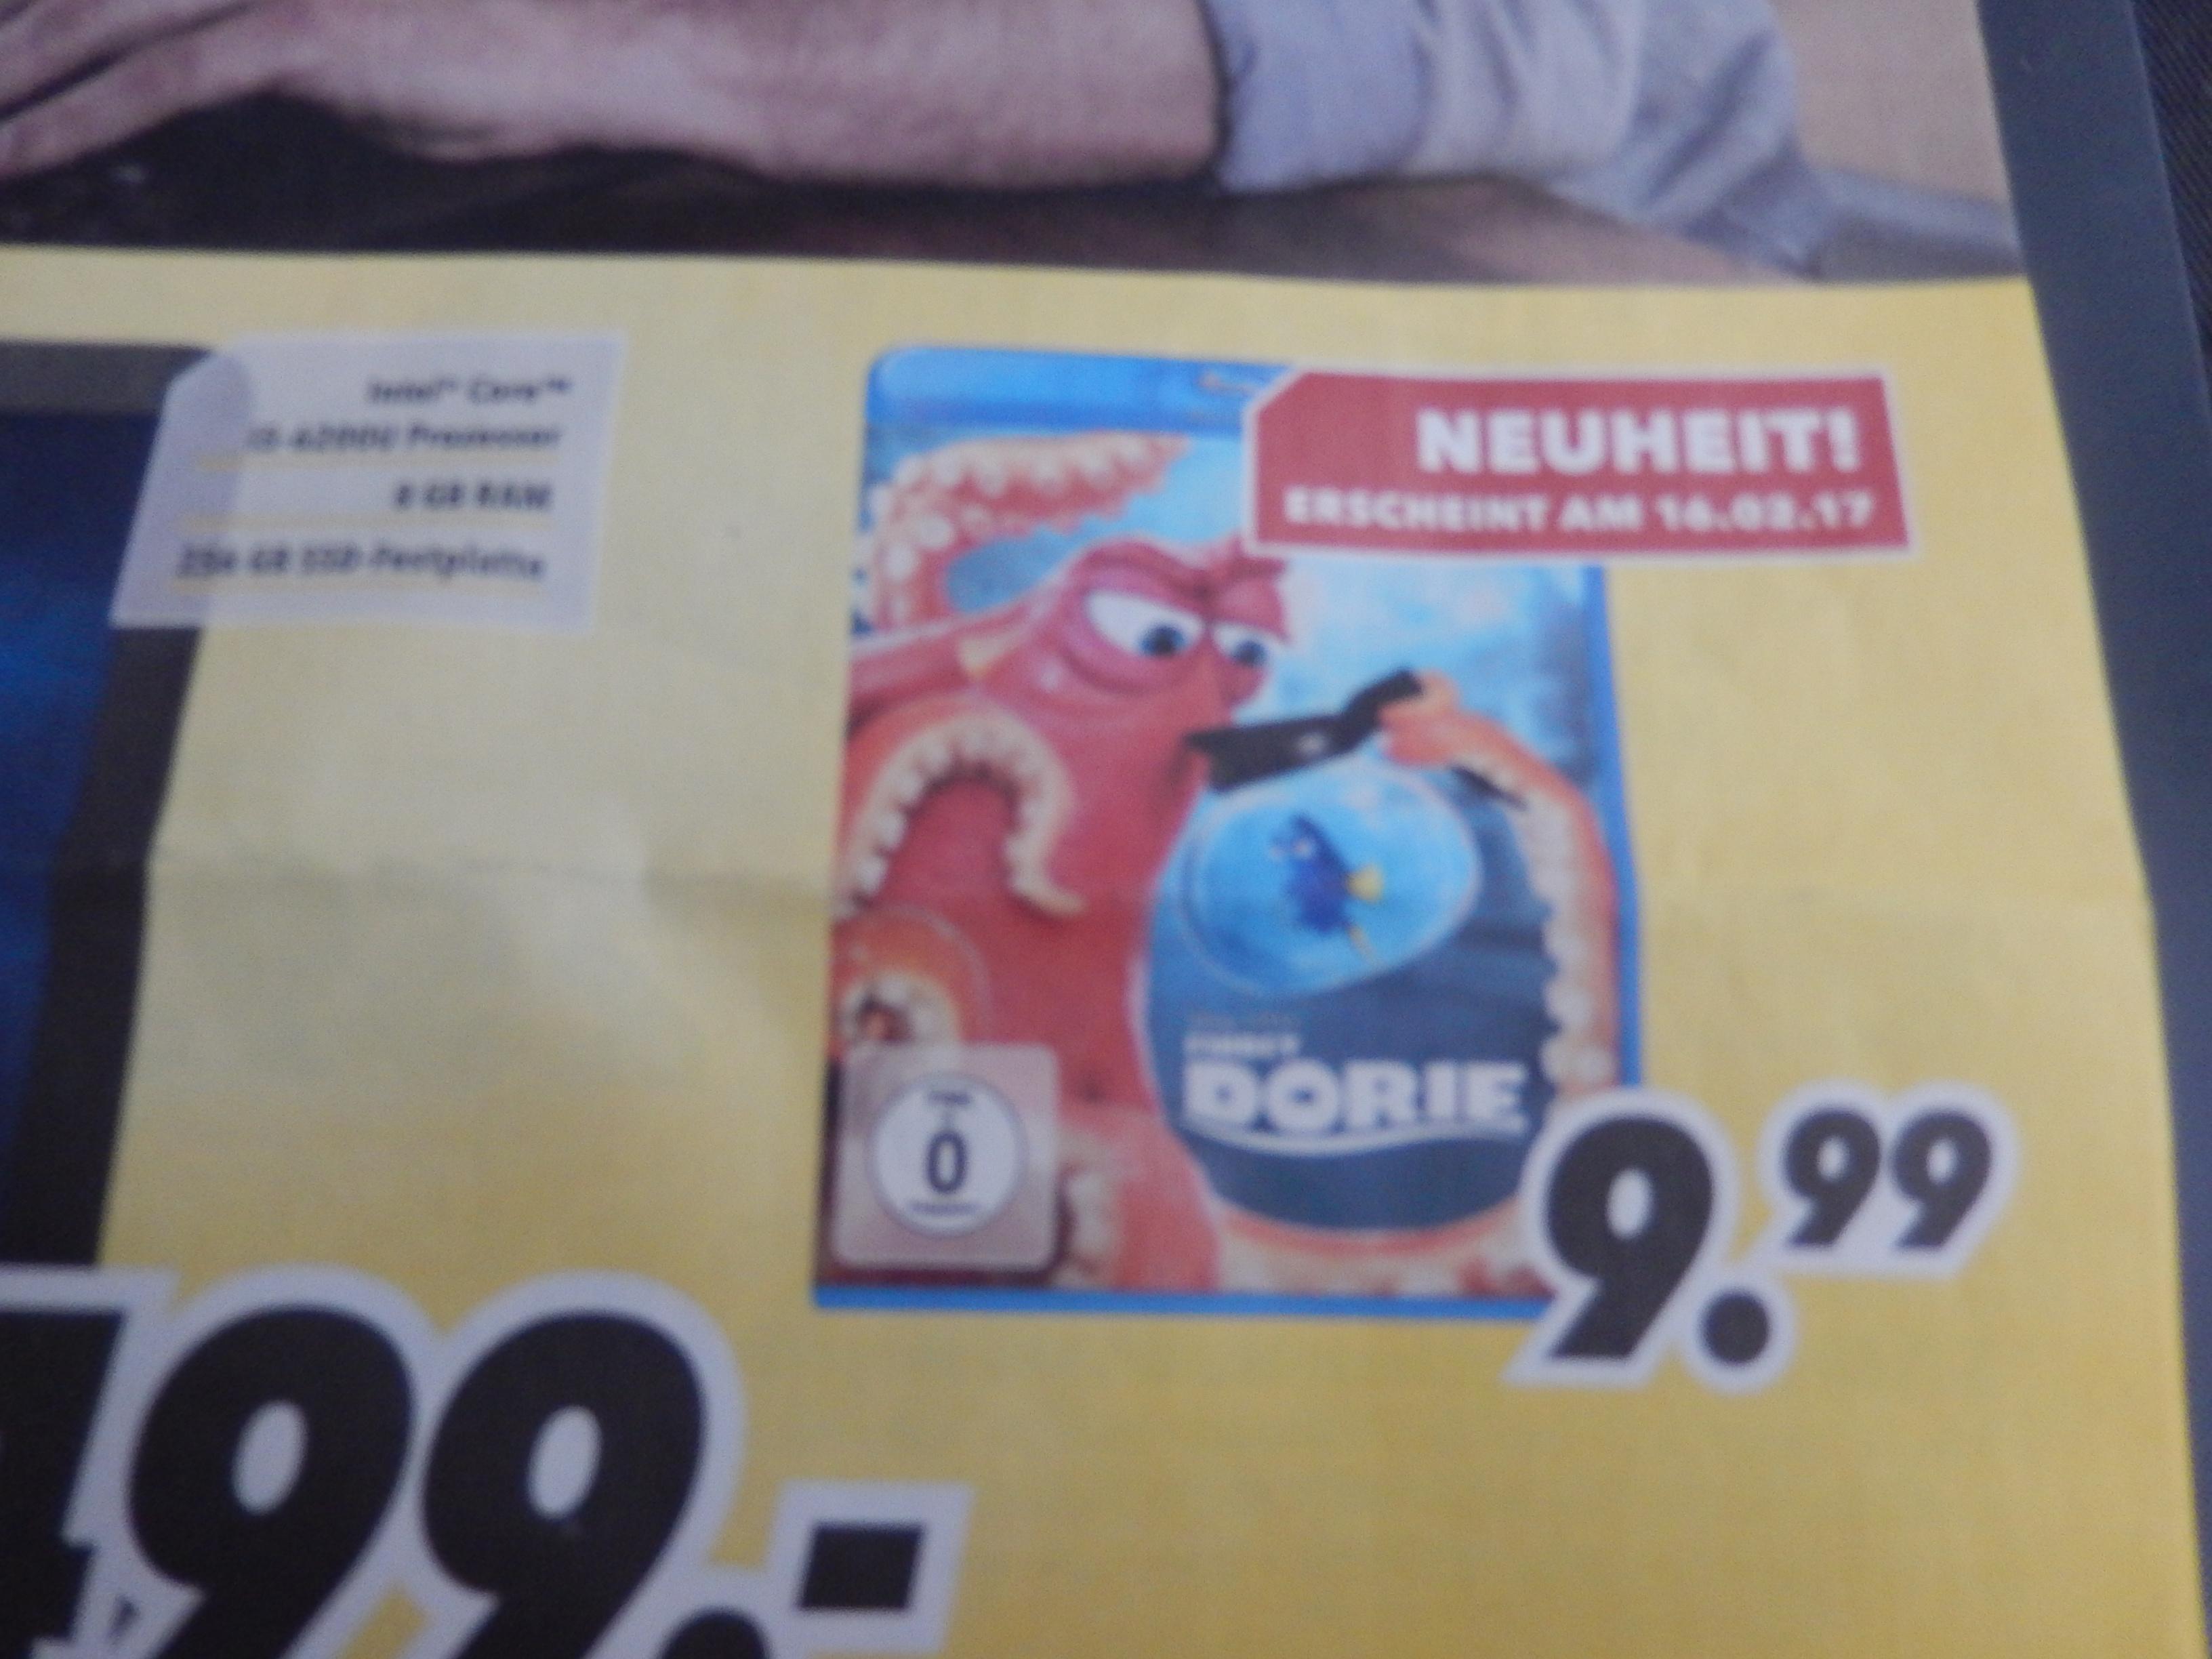 MediMax Hannover eventl. Bundesweit? Findet Dorie BluRay 9,99 ab 20.02